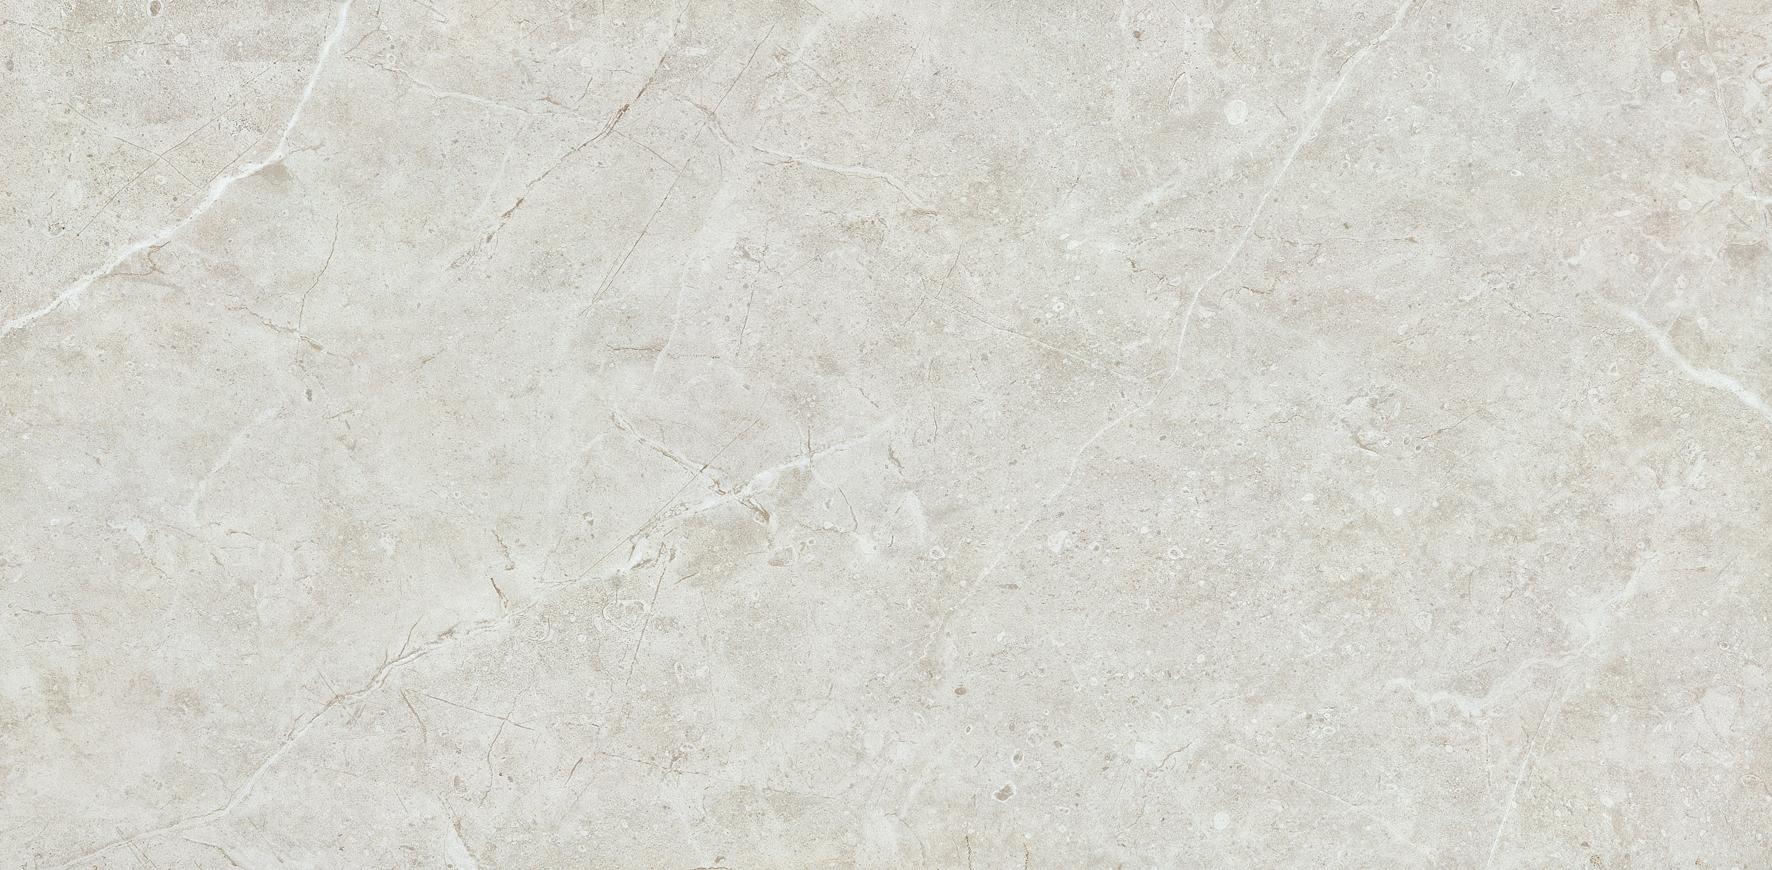 波尔卡 / CDL126615 / 600x1200mm / 柔光大理石